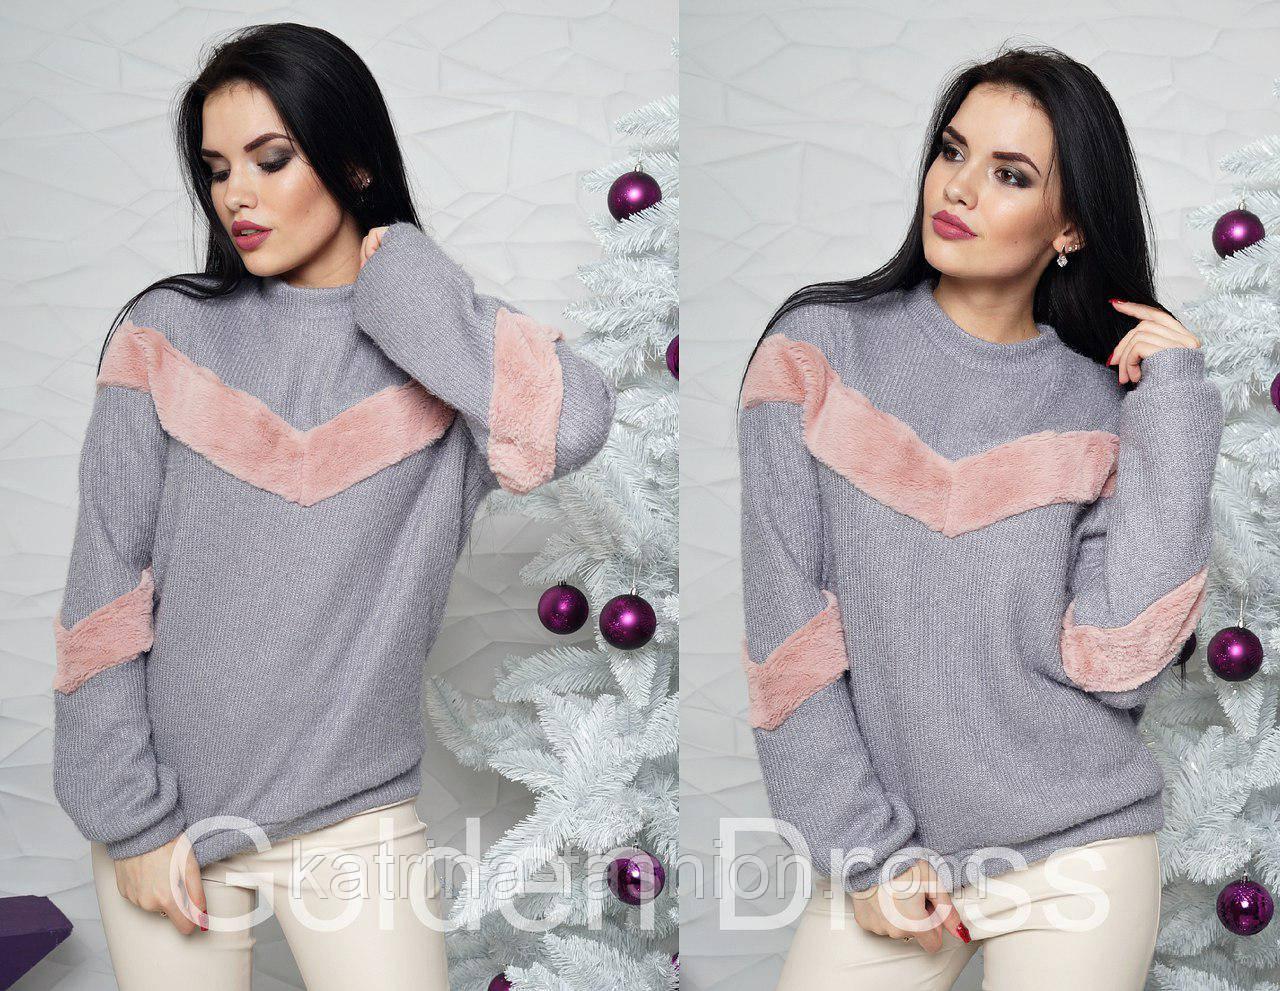 e01638bce20 Женский модный свитер с мехом (2 цвета)  продажа